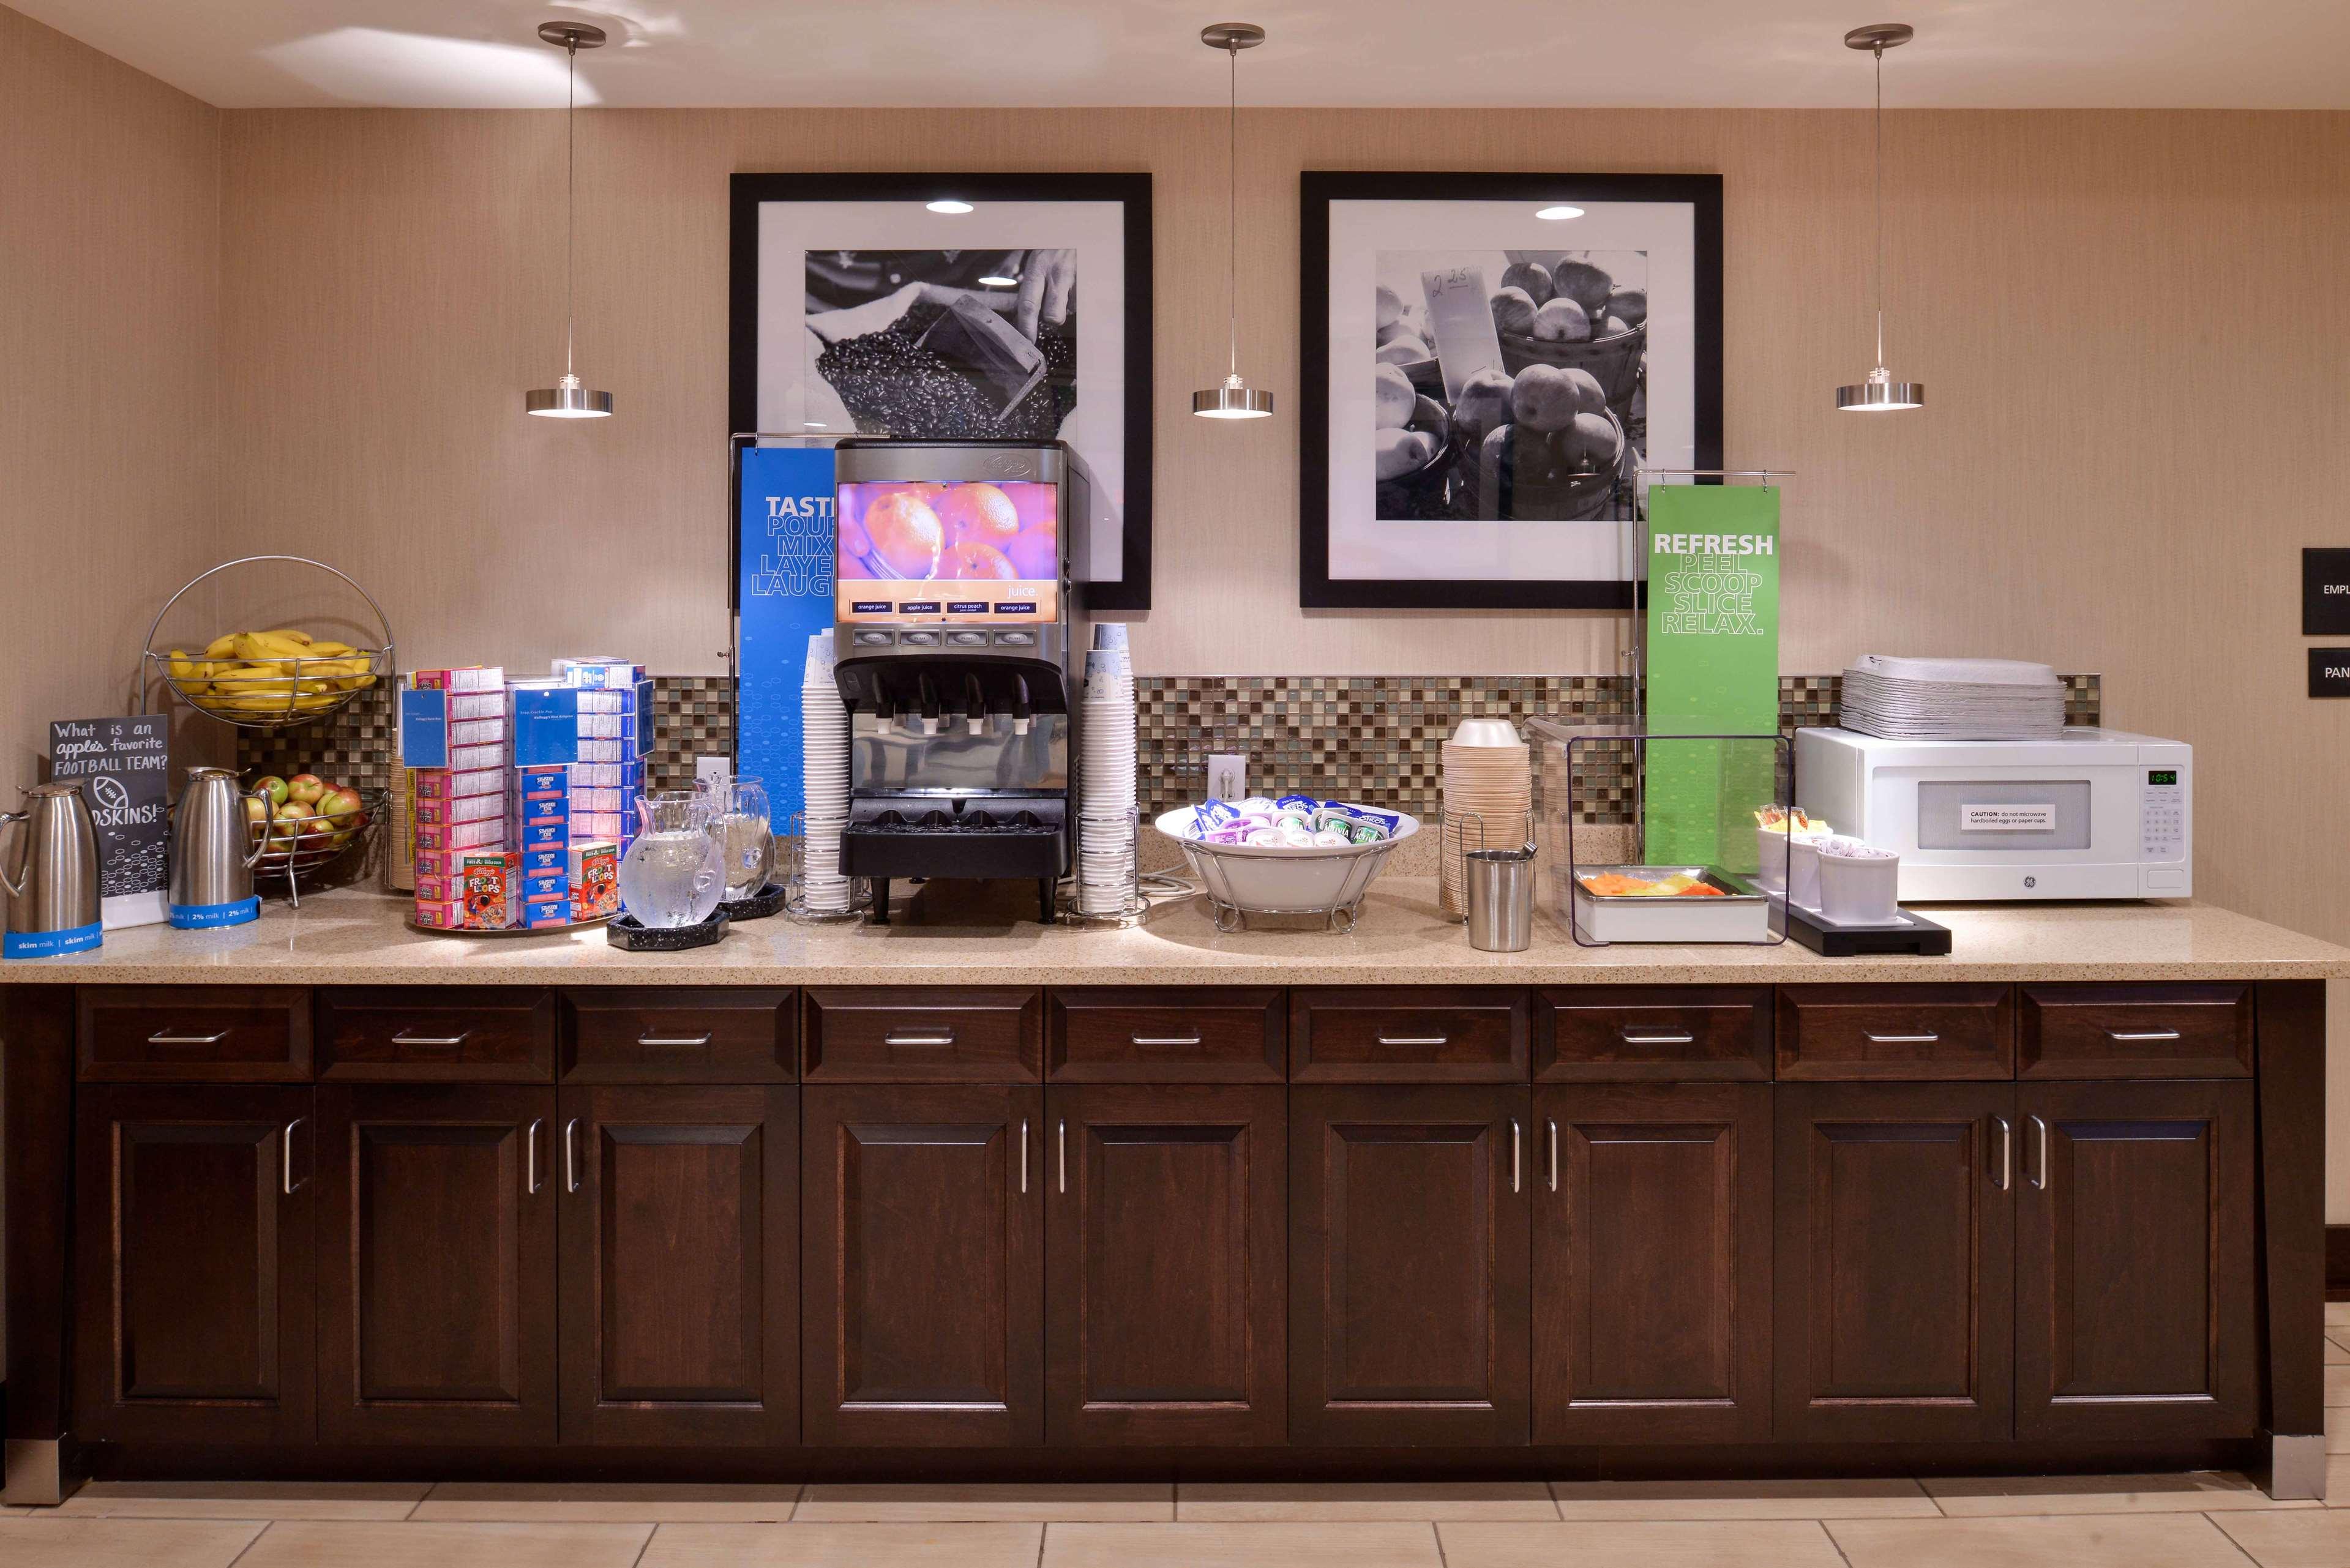 Hampton Inn & Suites Mount Joy/Lancaster West image 11